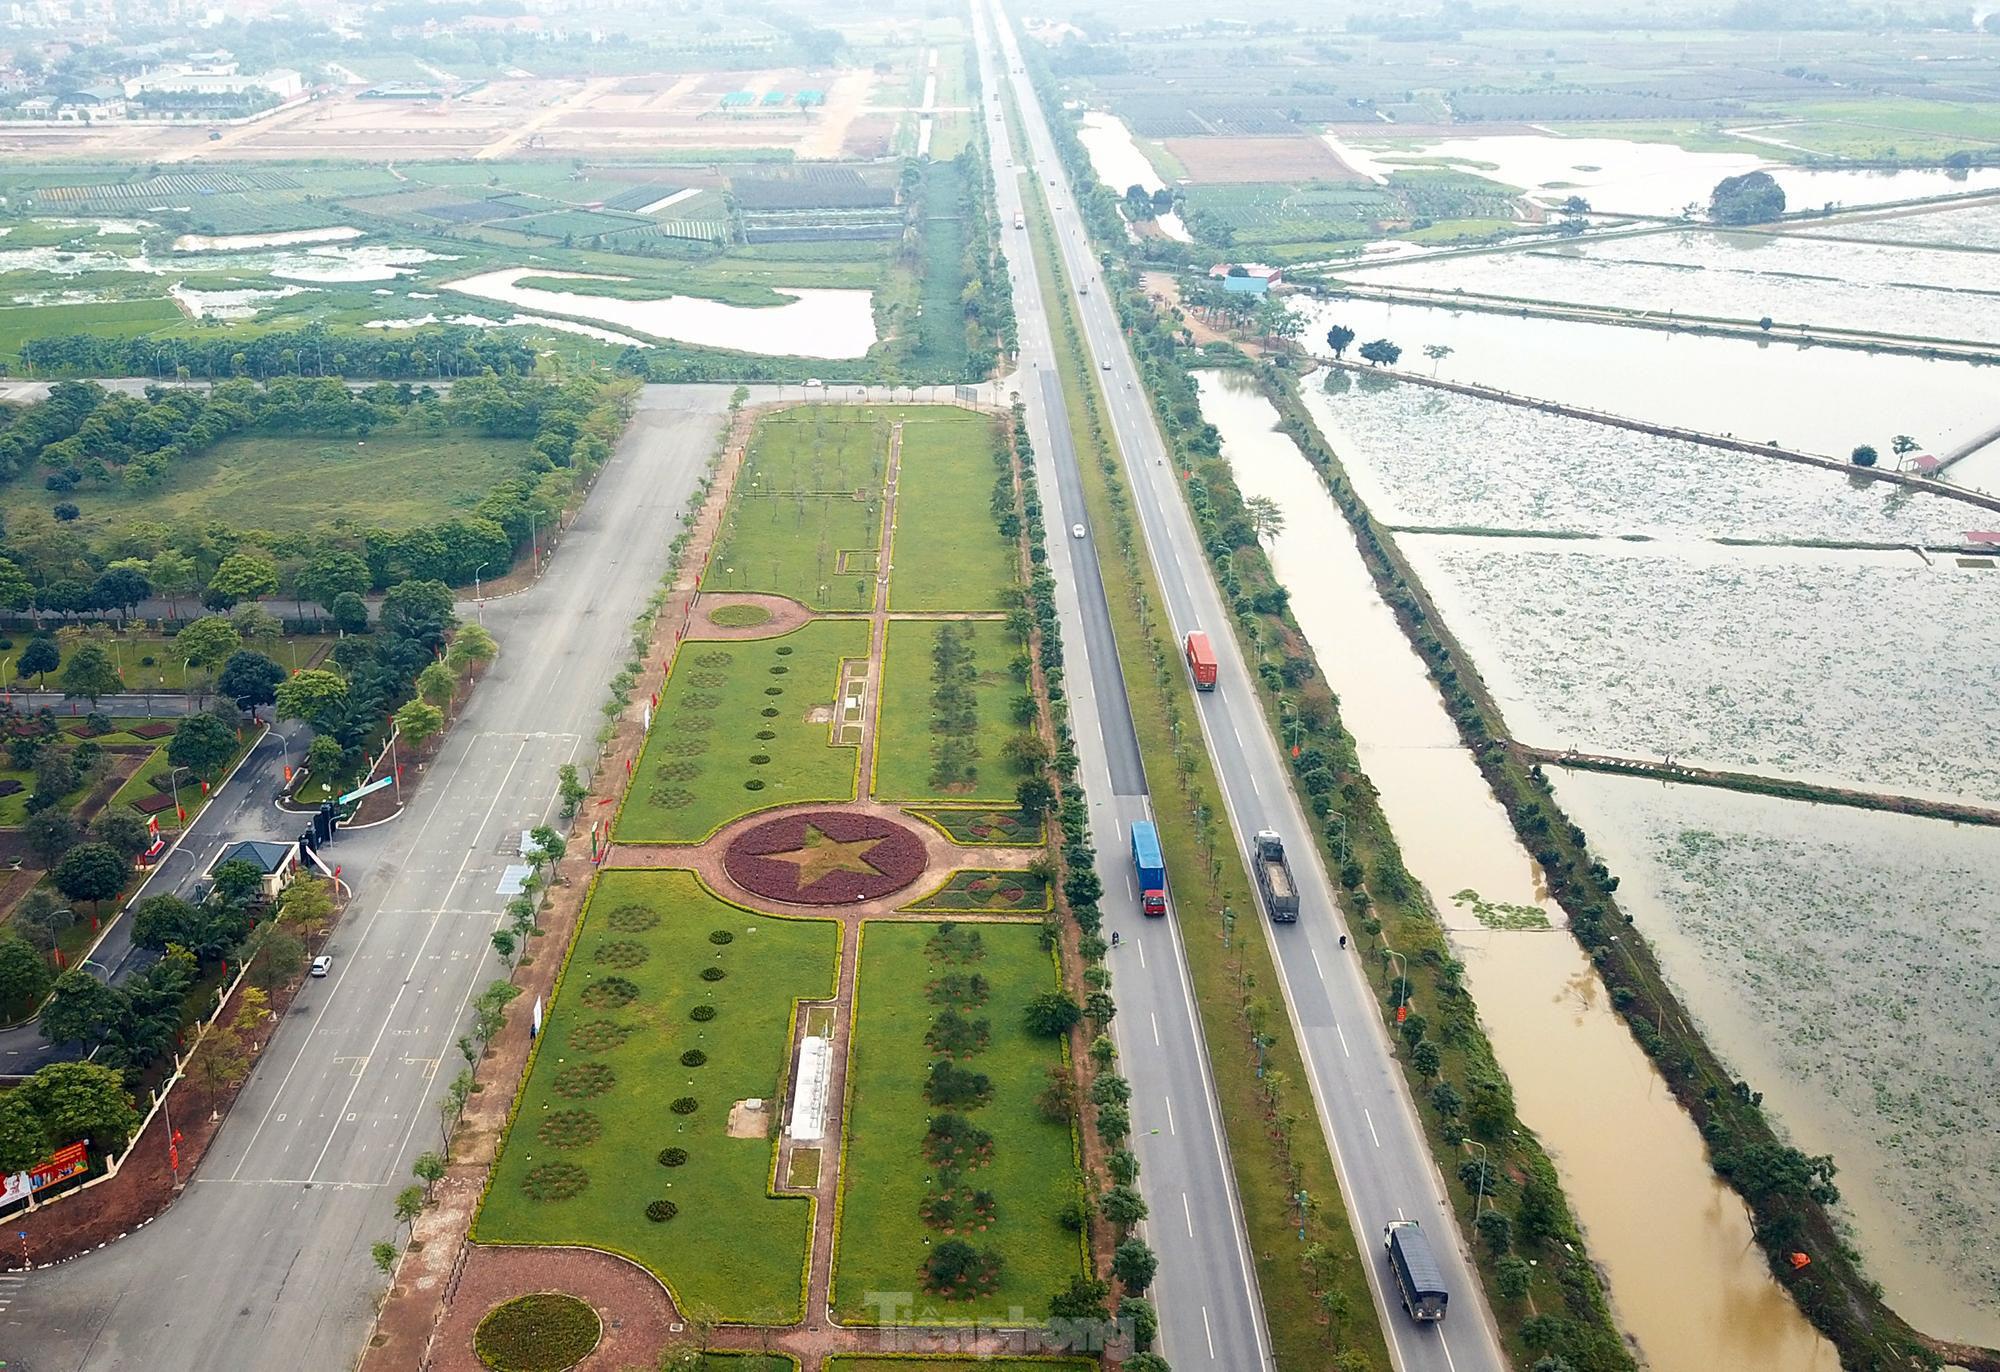 Tuyến đường 2.300 tỷ dài 15 km nối Hà Nội với Vĩnh Phúc hoạt động ra sao? - Ảnh 3.